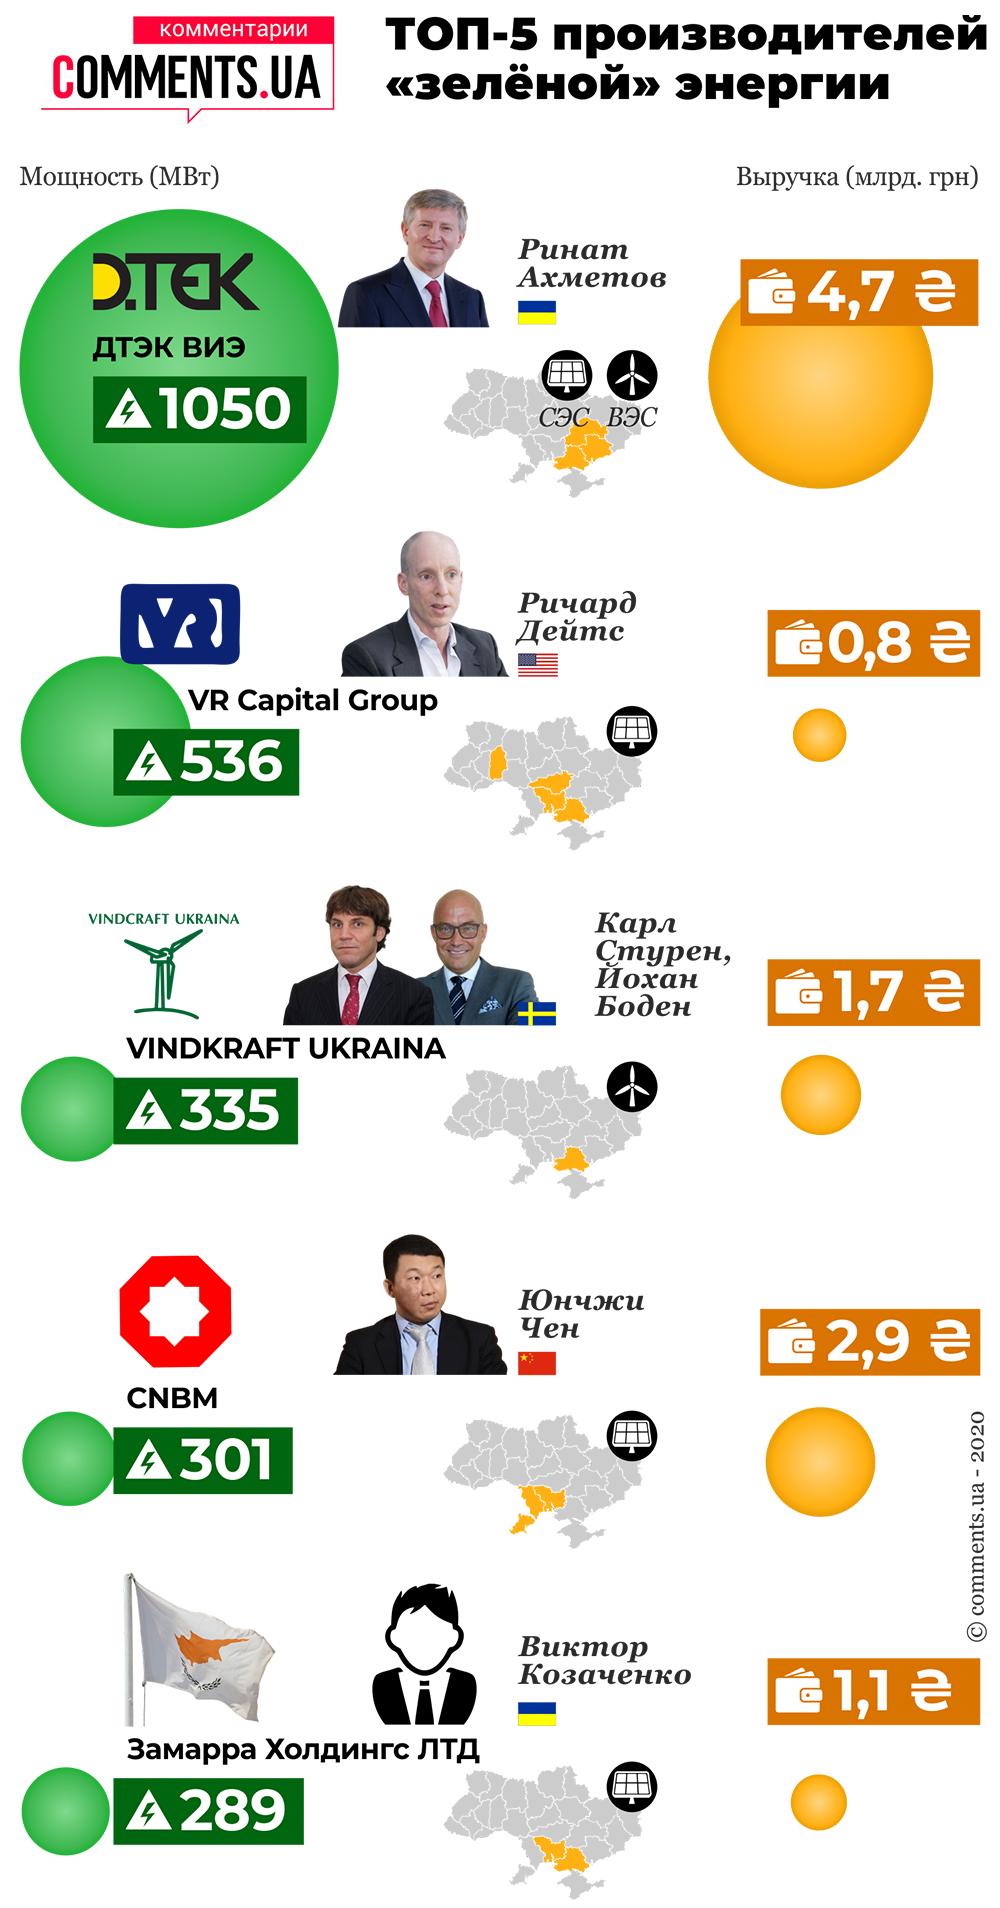 ТОП-5 производителей «зелёной» энергии в Украине (инфографика)